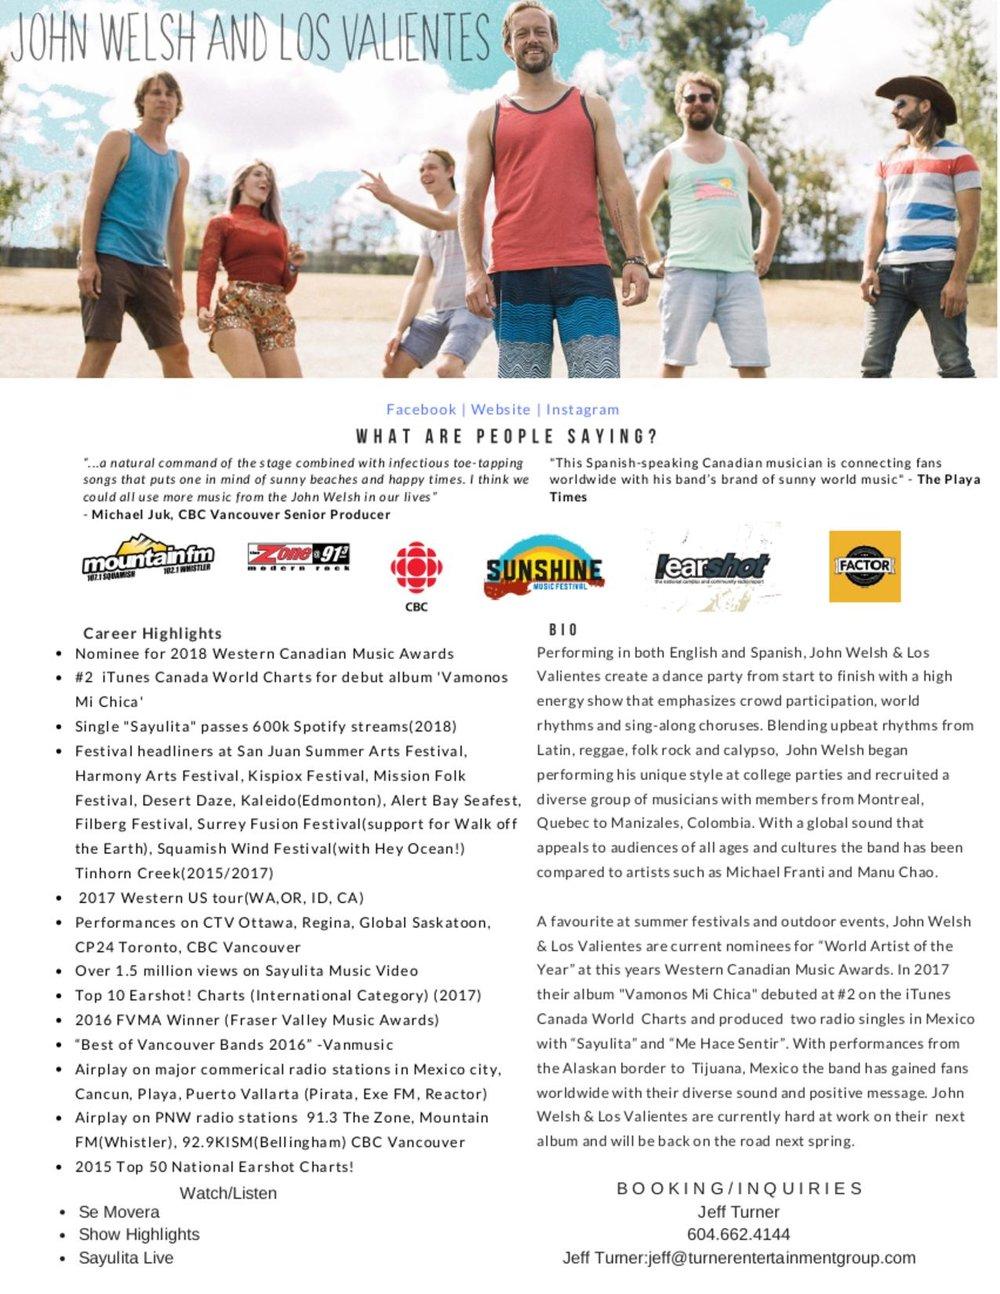 JohnWelshLosValientesOneSheet-page-001.jpg